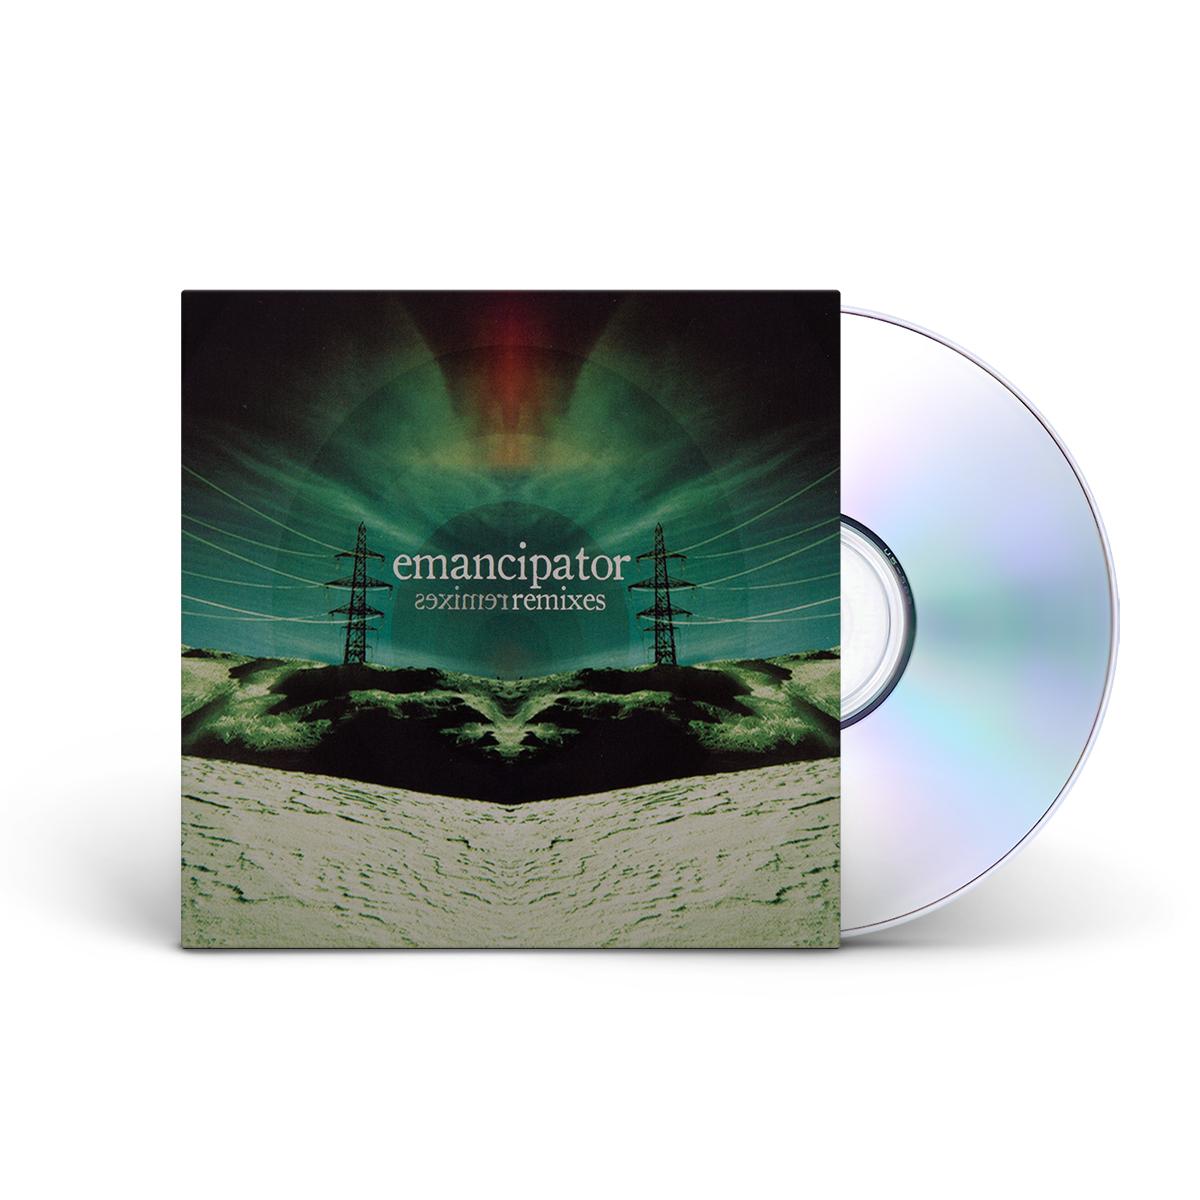 Emancipator Remixes CD